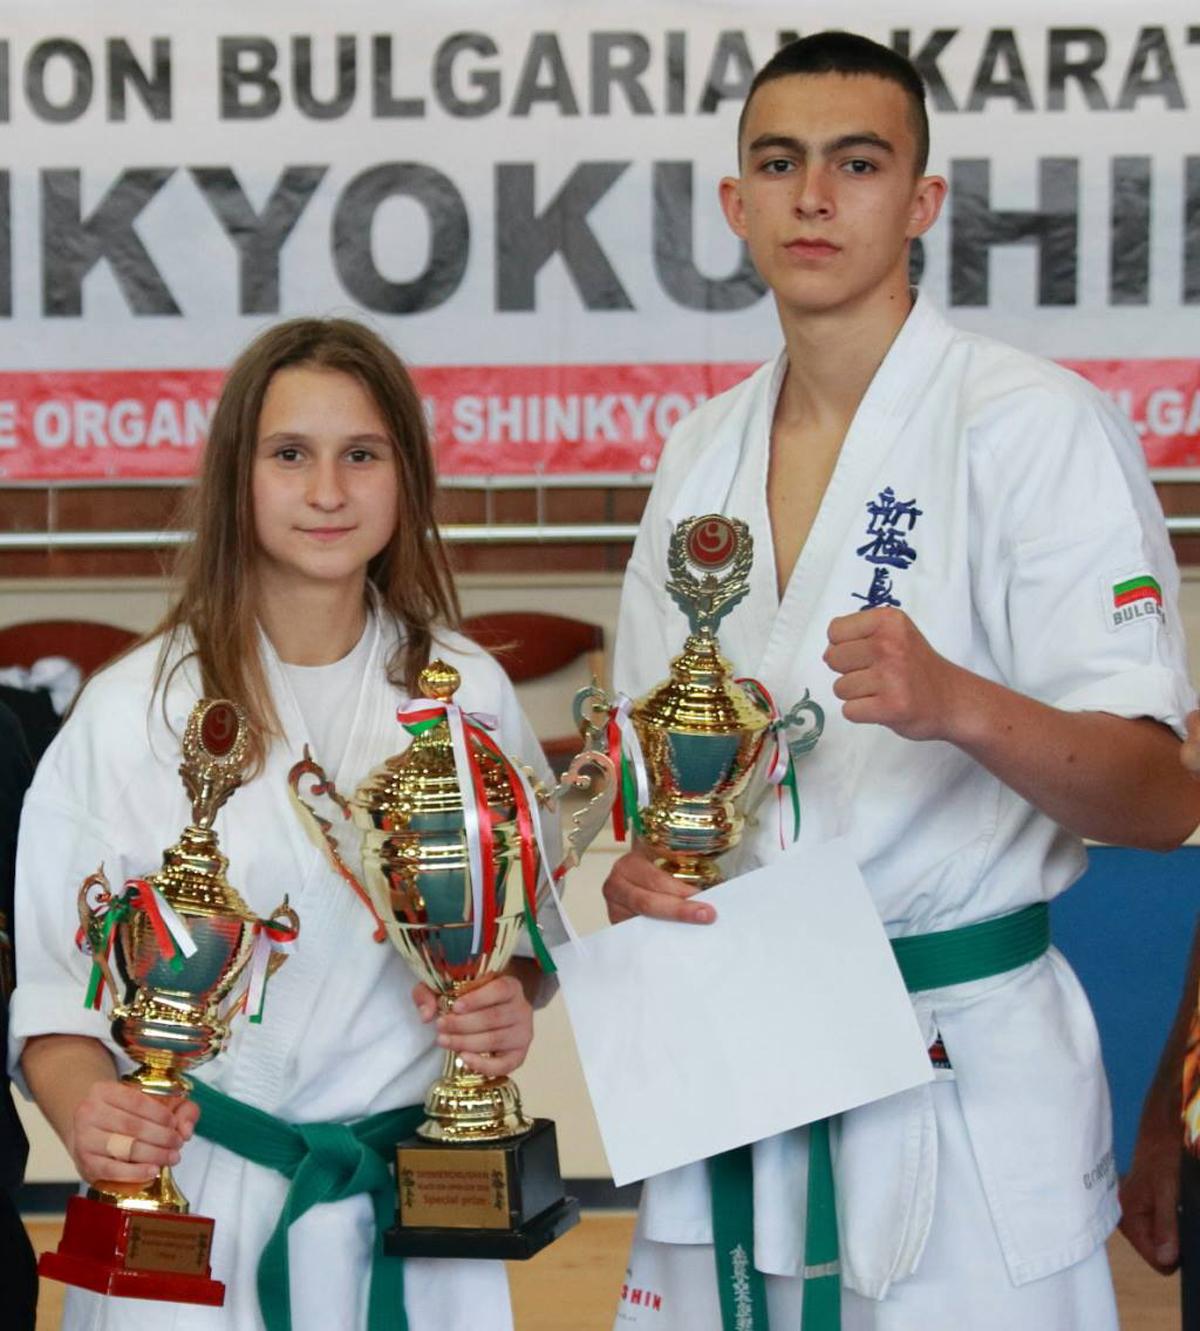 Български каратеки завоюваха купи от международен турнир